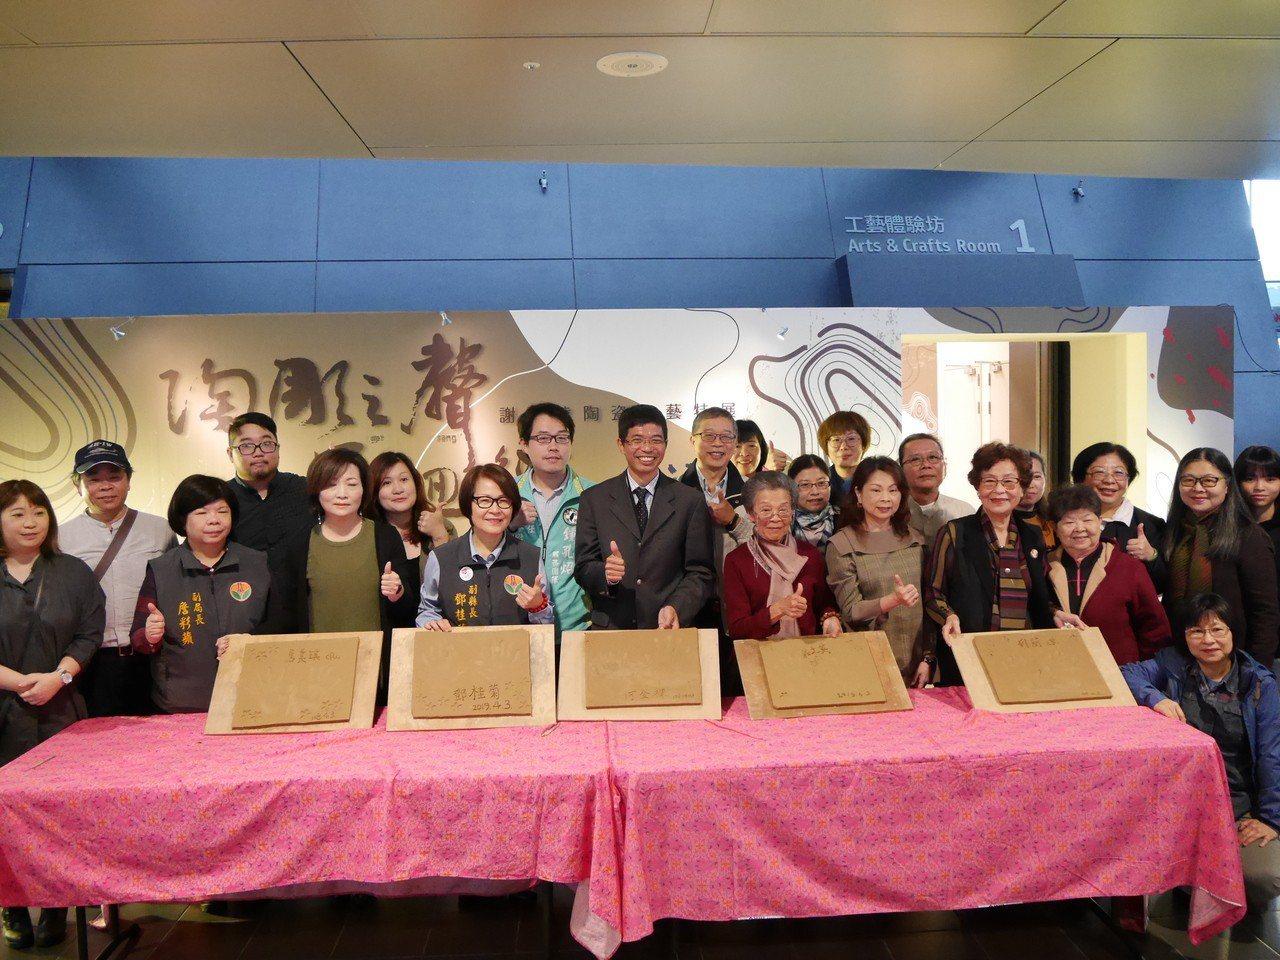 「陶雕之聲、木藝迴響」謝鴻達陶瓷工藝特展4月3日起在台灣客家文化館展出。圖/客發...